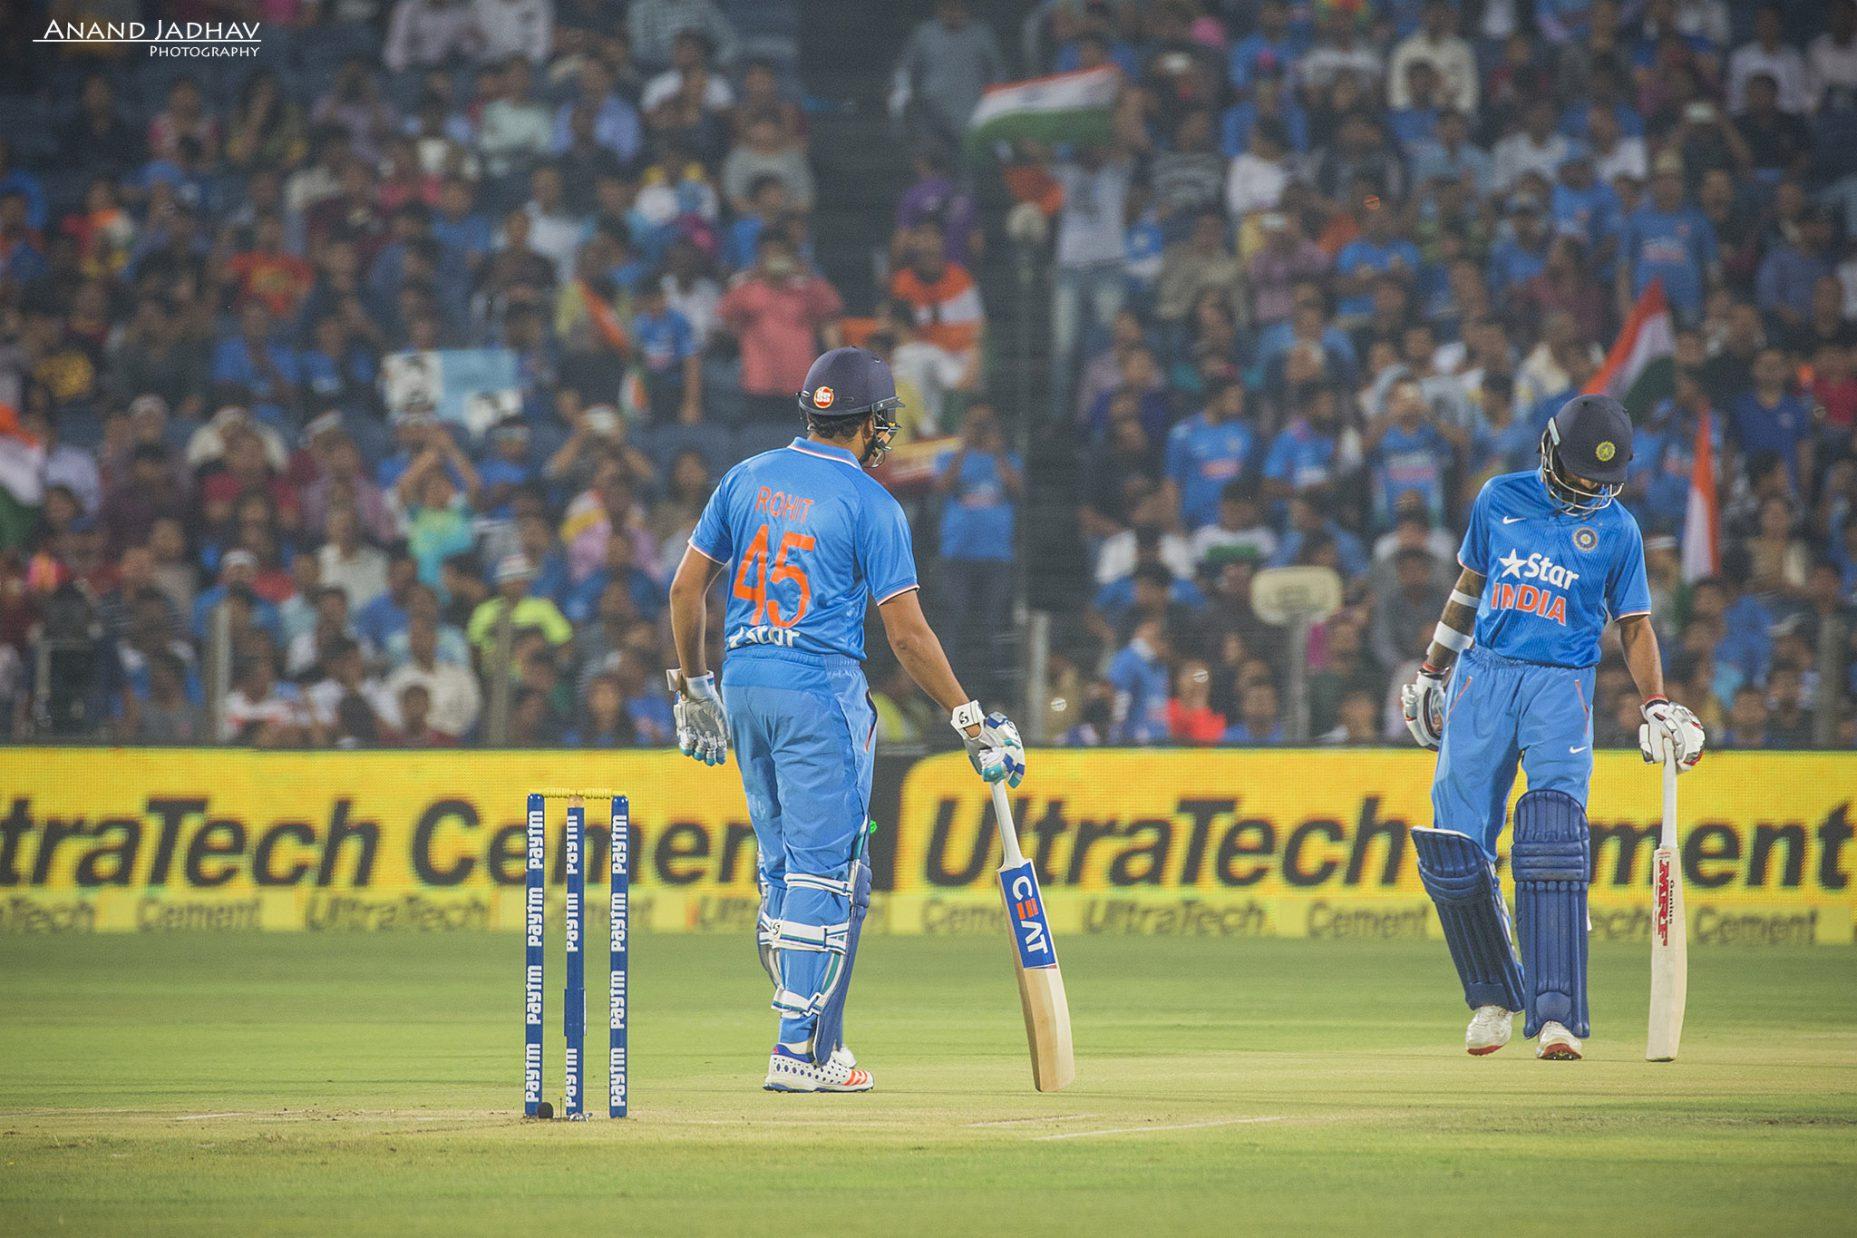 Ind v/s Sri Lanka International T20, Pune